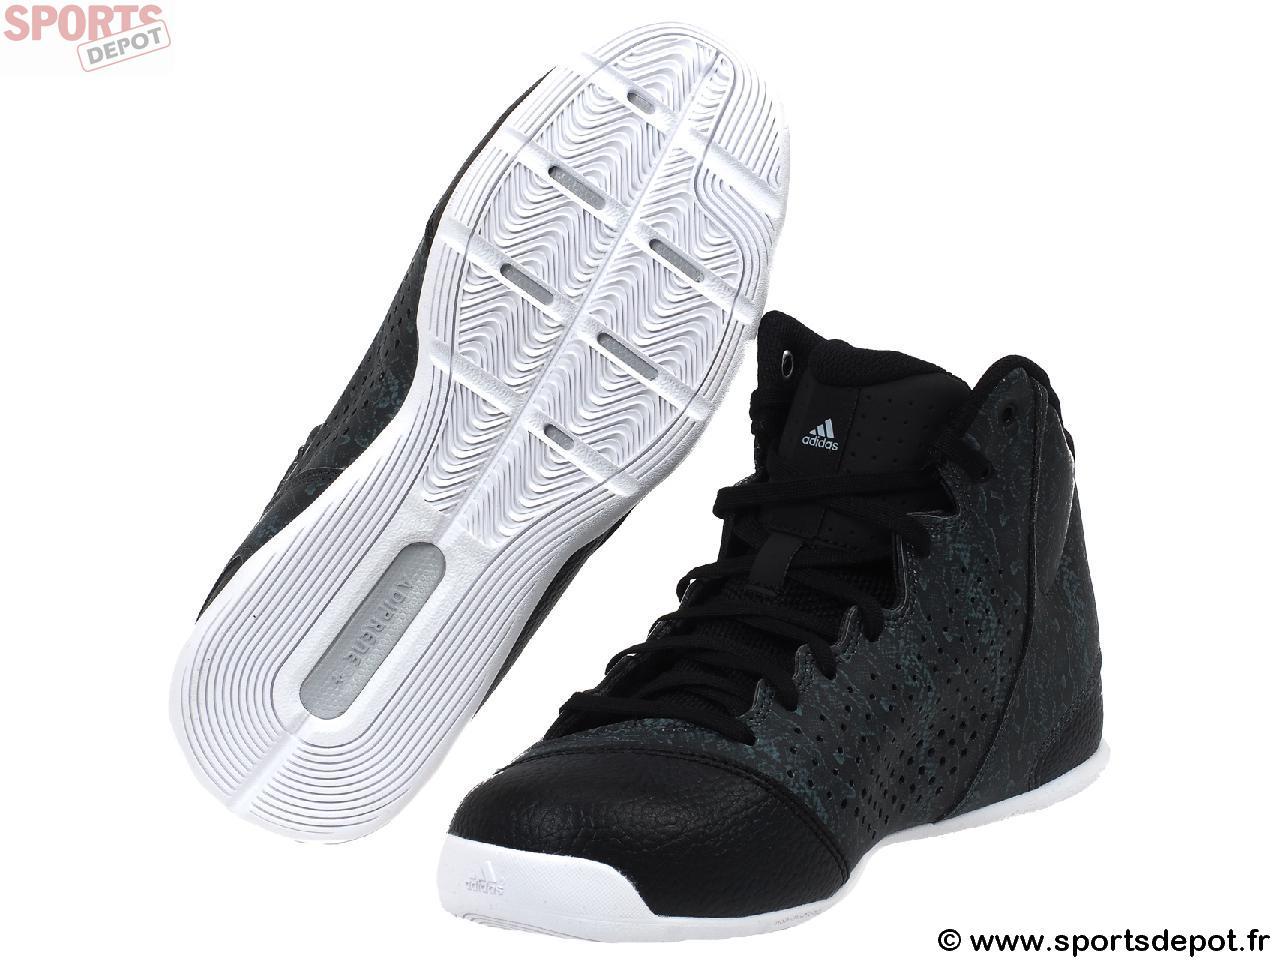 Nxt Noir Chaussures Basket 32547 6wxsd8t Serpent Adidas k08nwOP